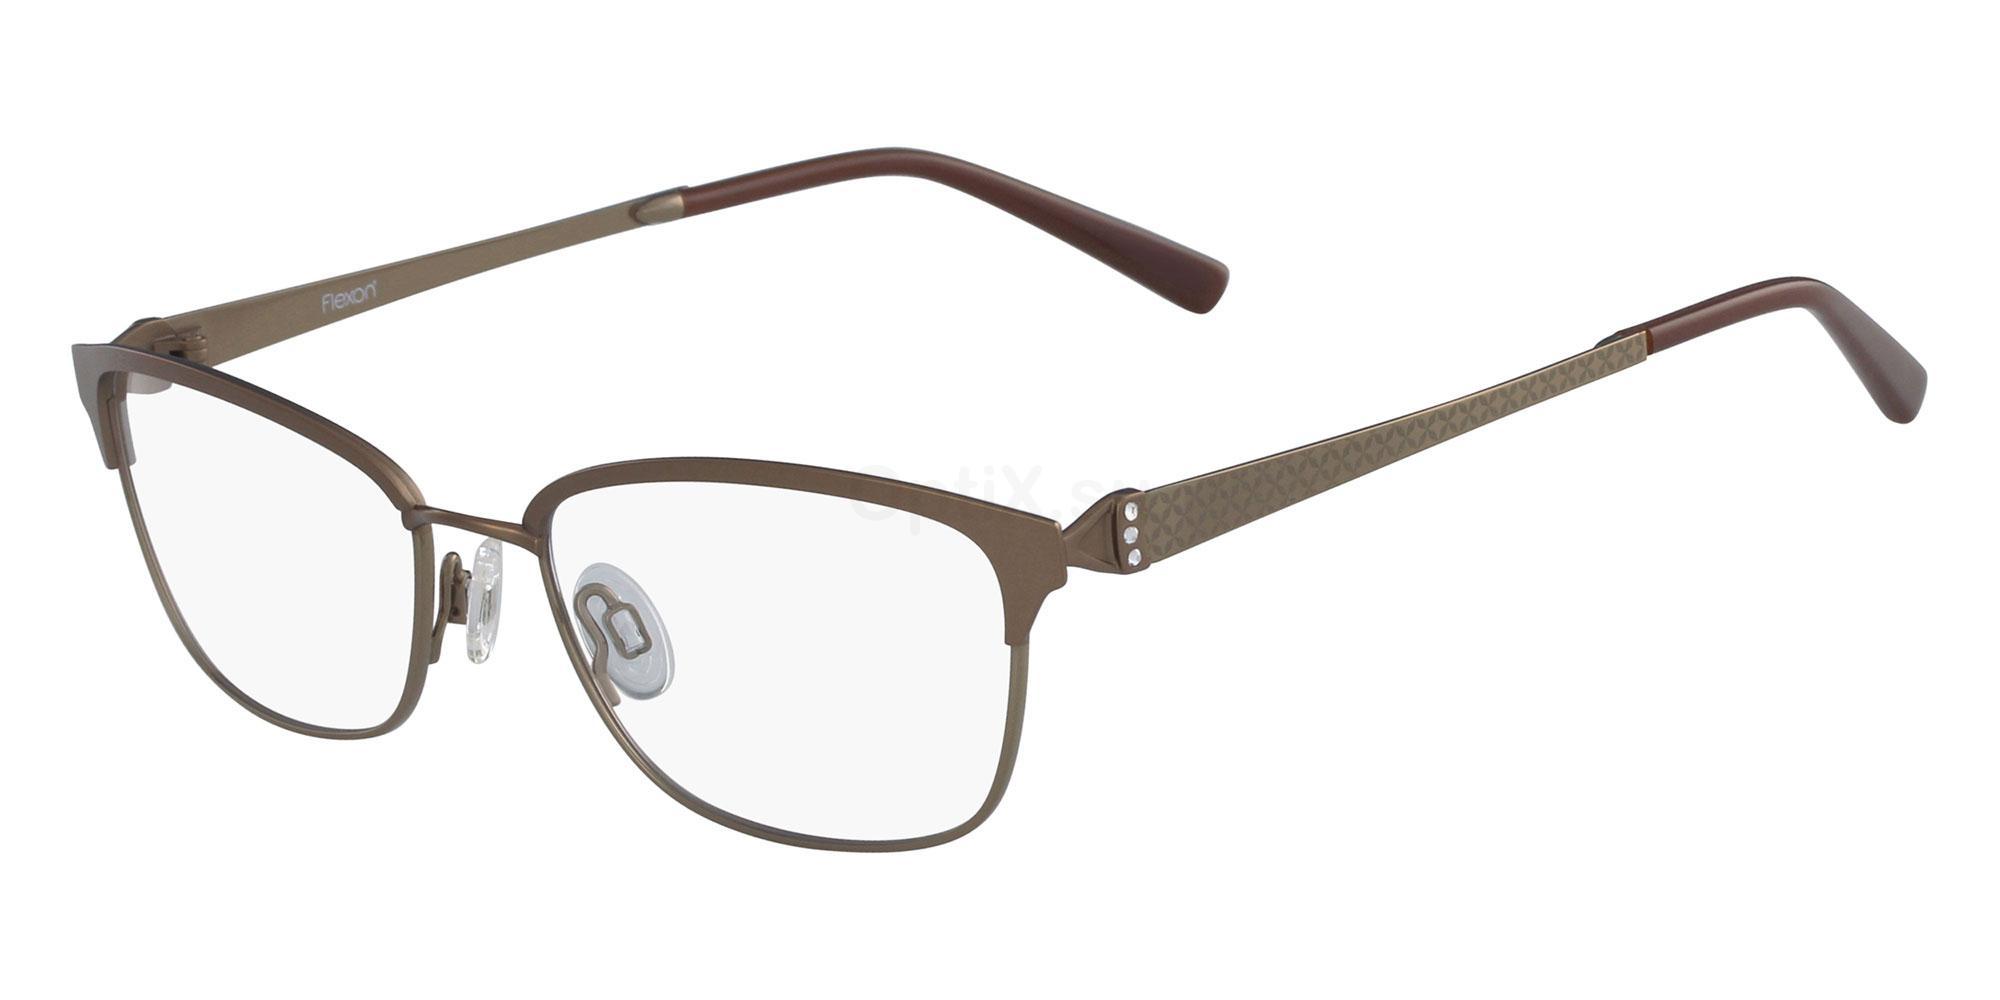 210 FLEXON GLORIA Glasses, Flexon